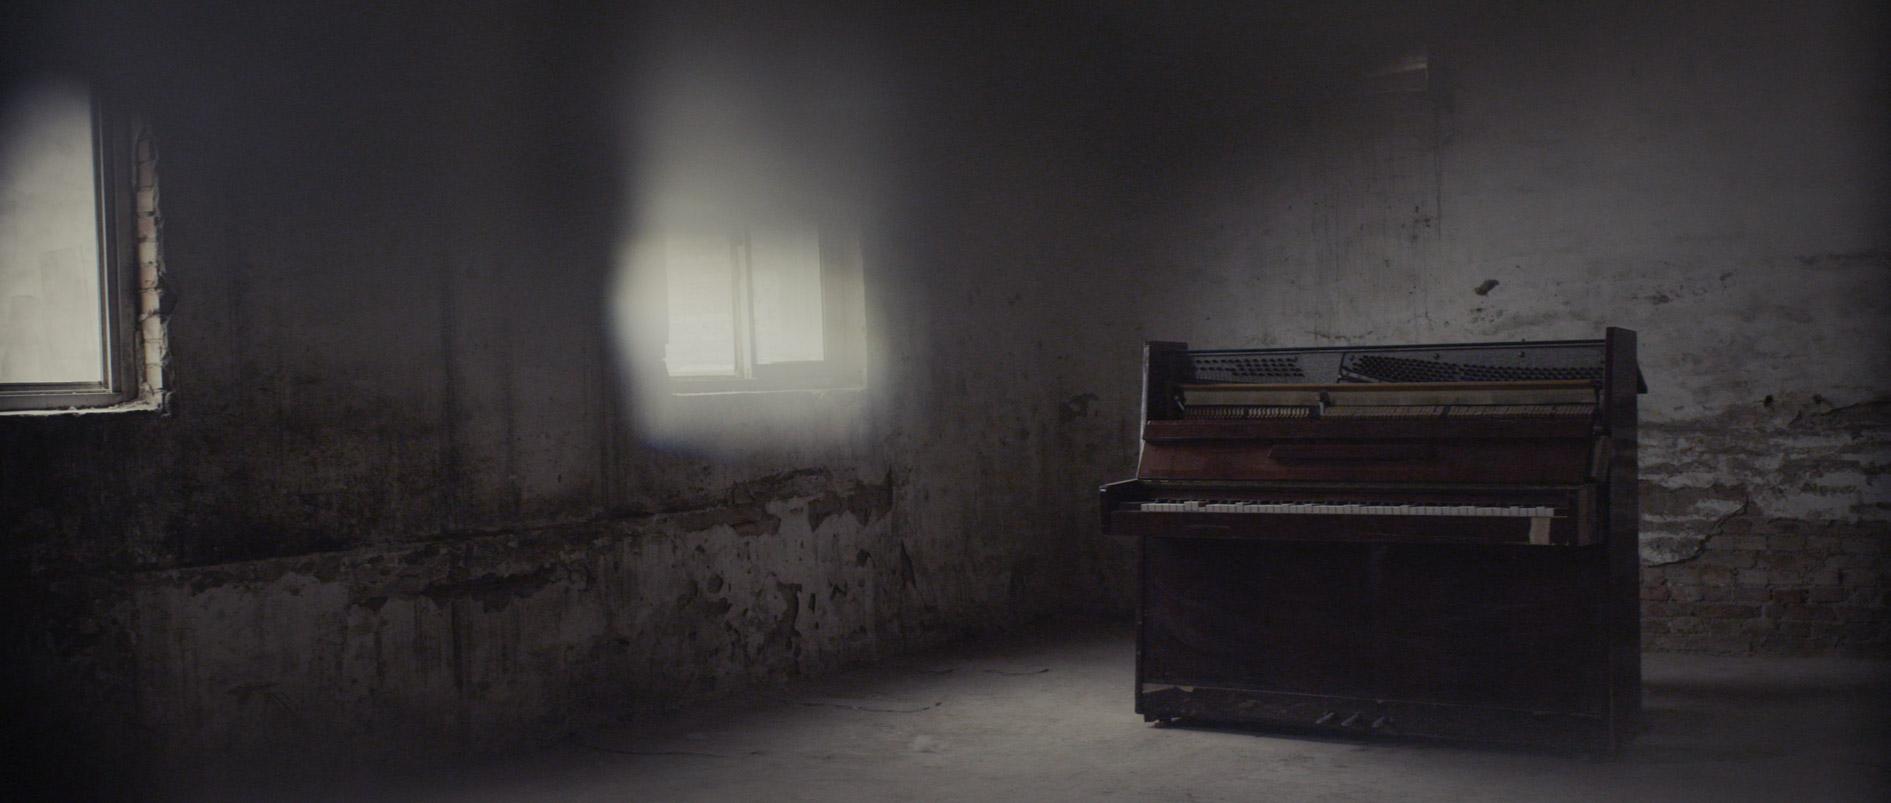 Tiffany & Co Piano